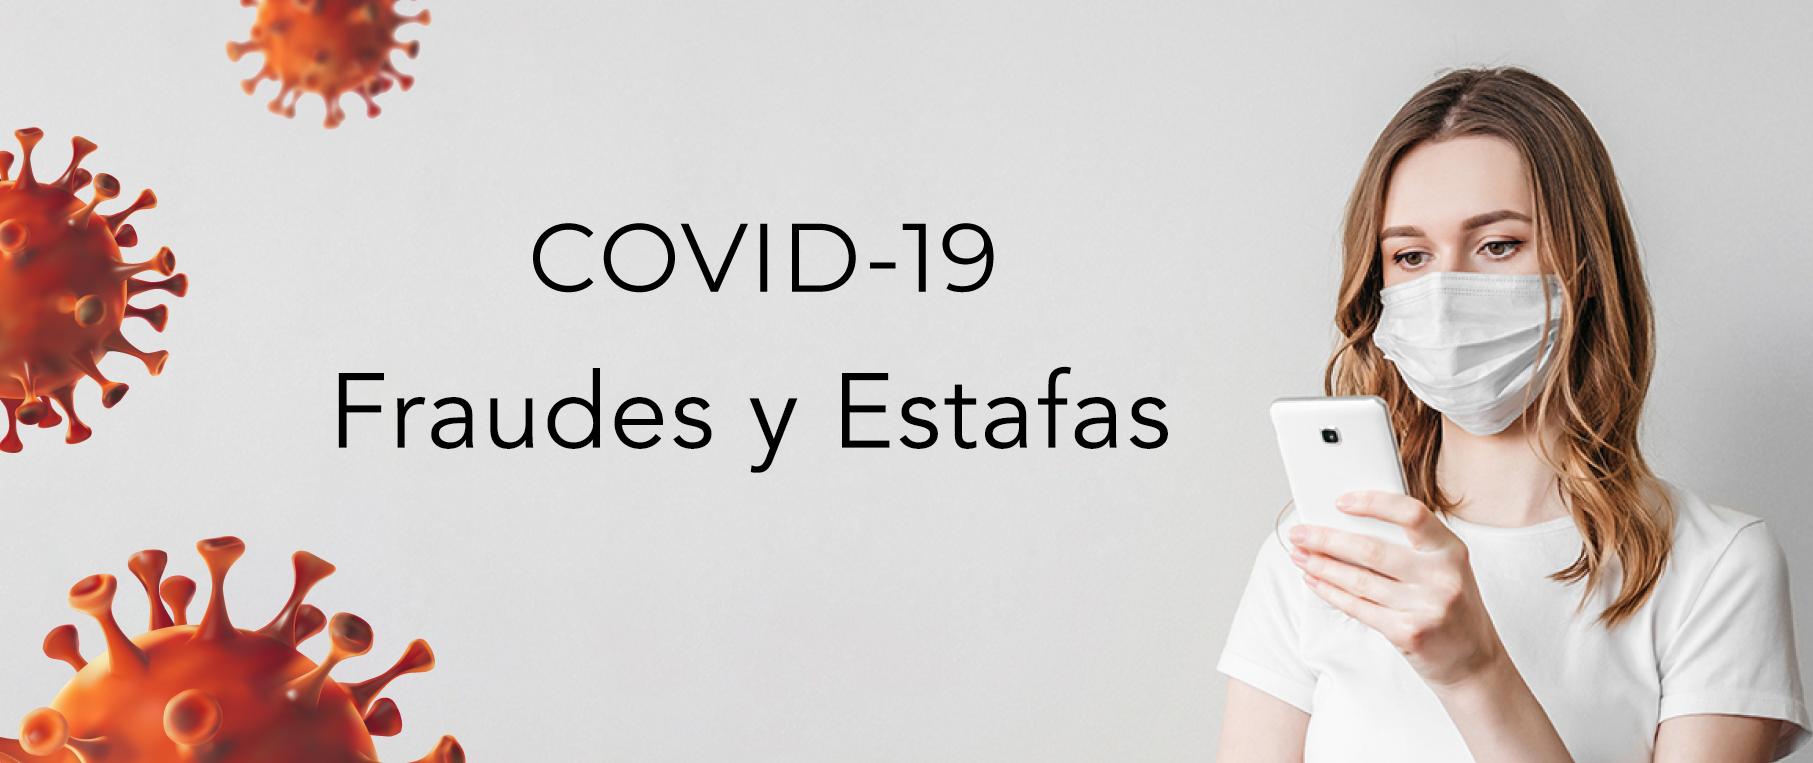 Fraudes y Estafas Relacionadas con el COVID-19